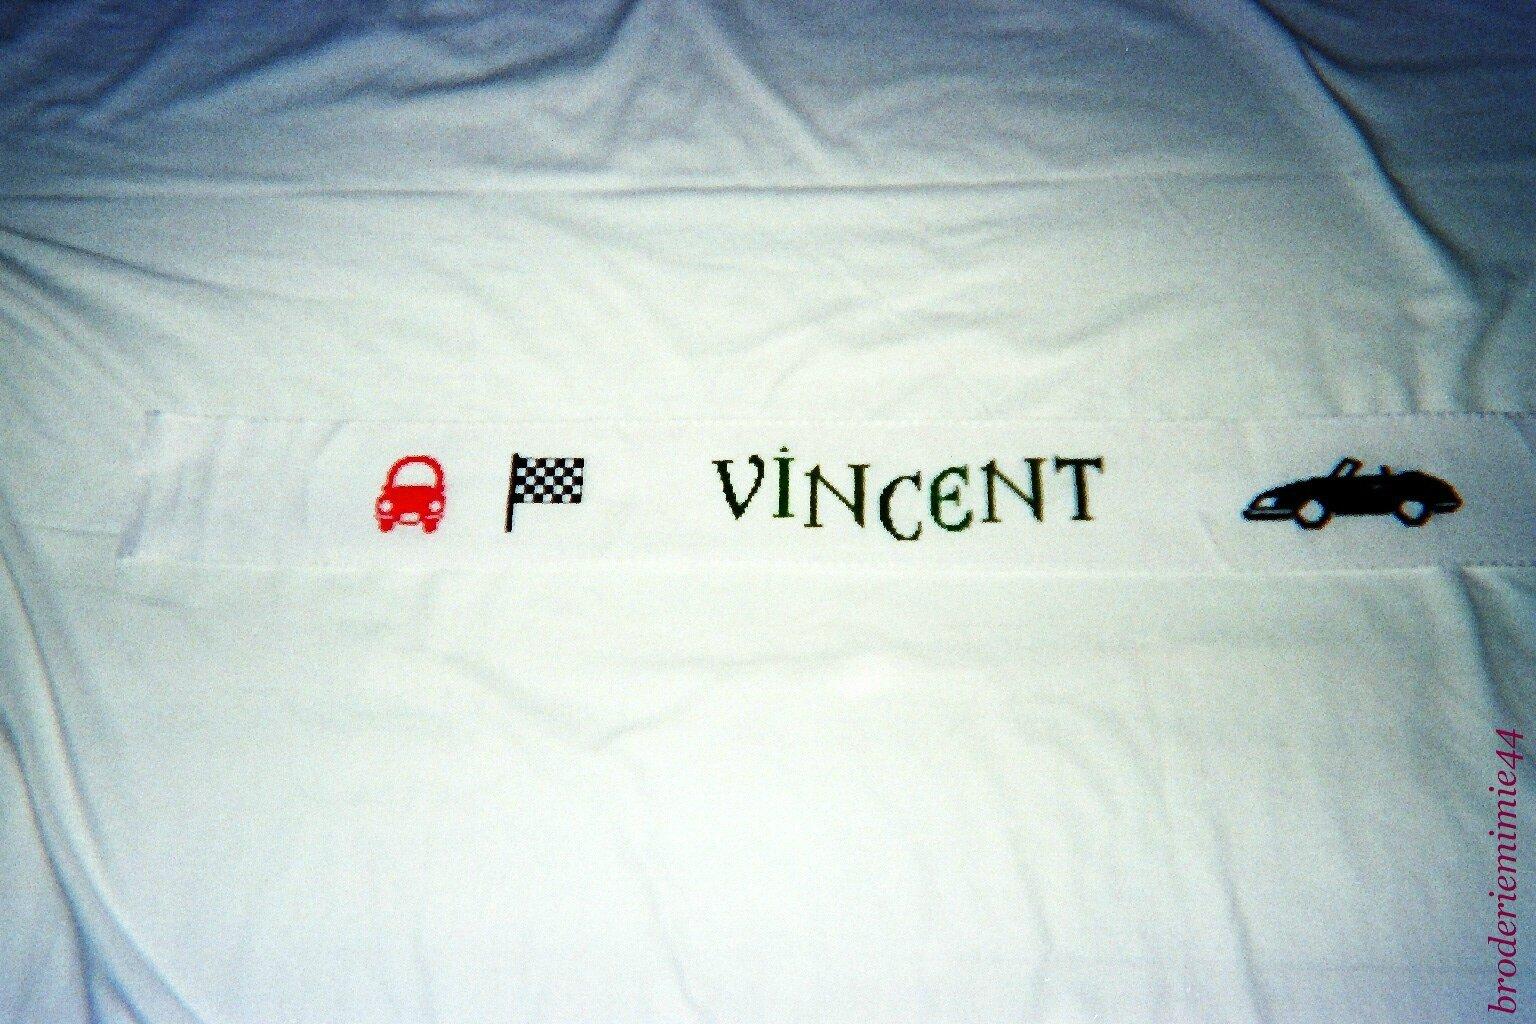 VINCENT - VOITURES DE COURSE